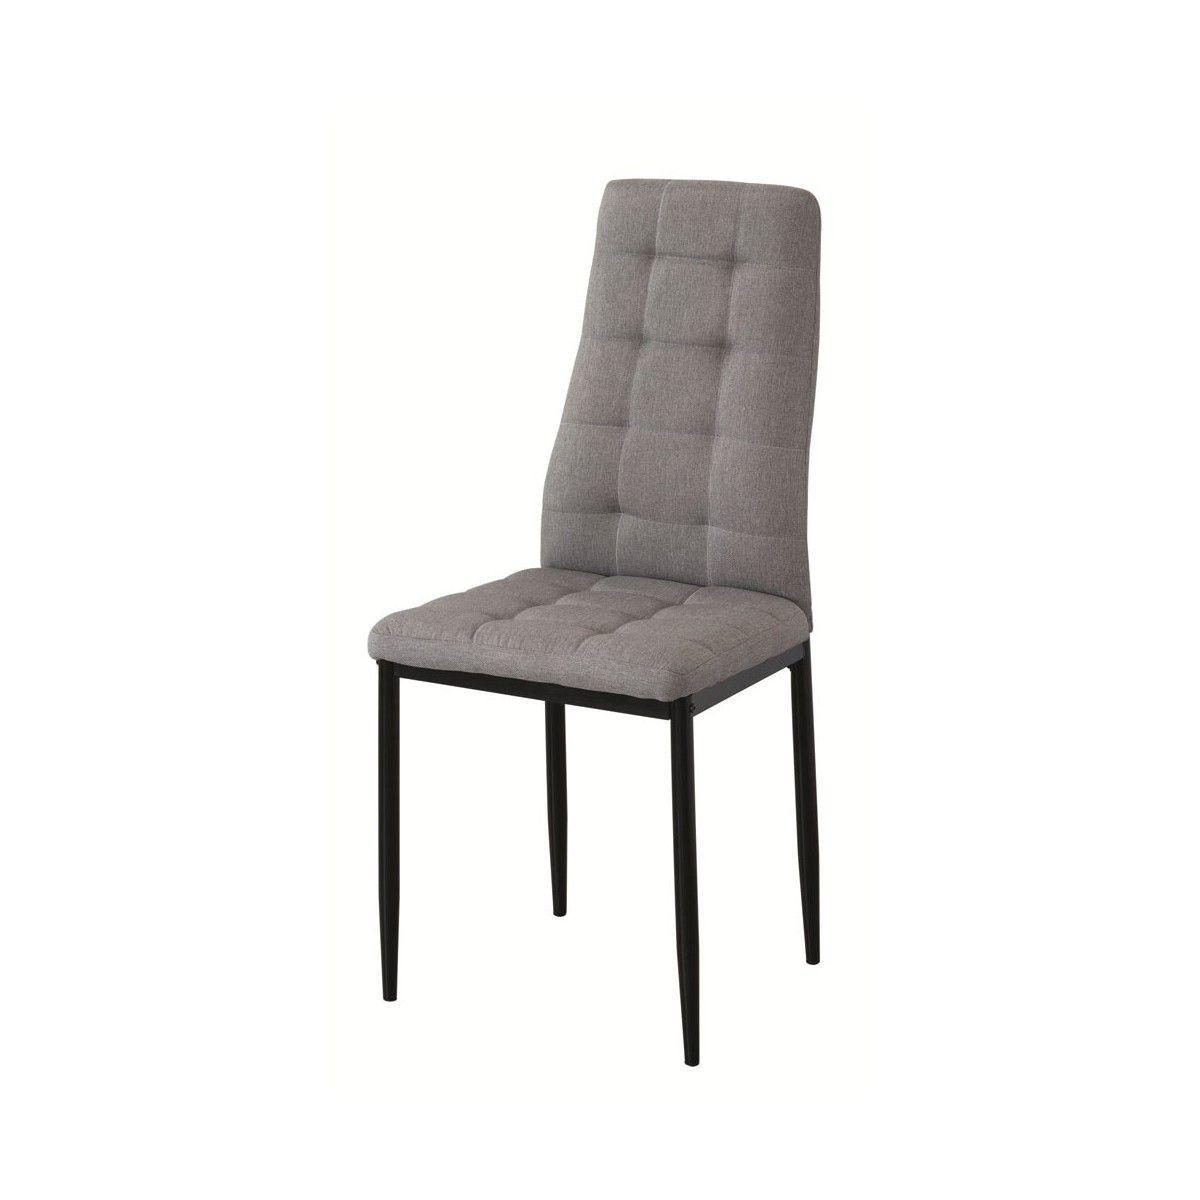 Pack 4 sillas sal n comedor sonia sillas tapizadas baratas - Sillas para salones ...